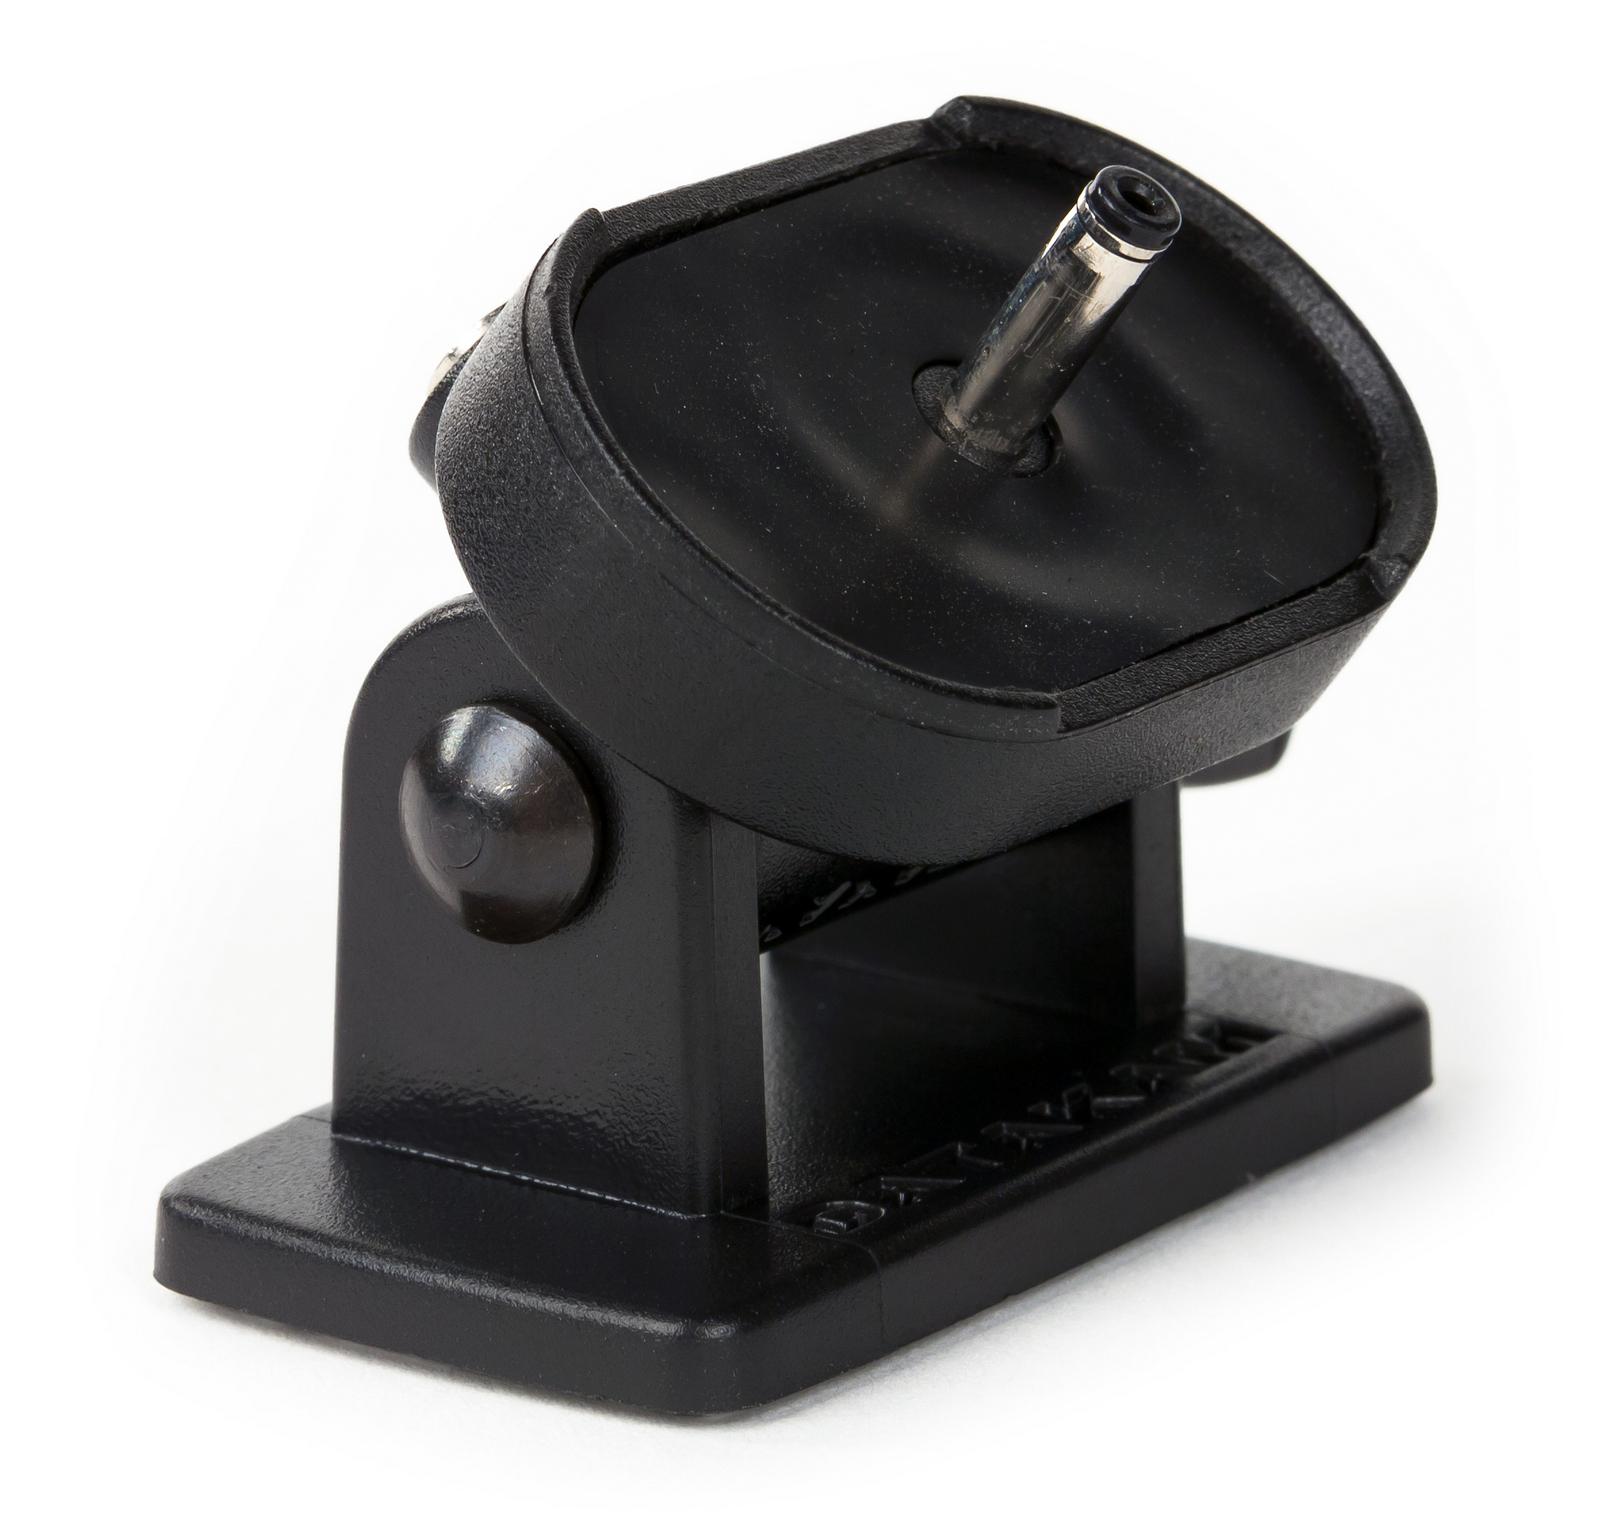 Крепление липучка для видеорегистратора авторегистратор магик визион вр-255